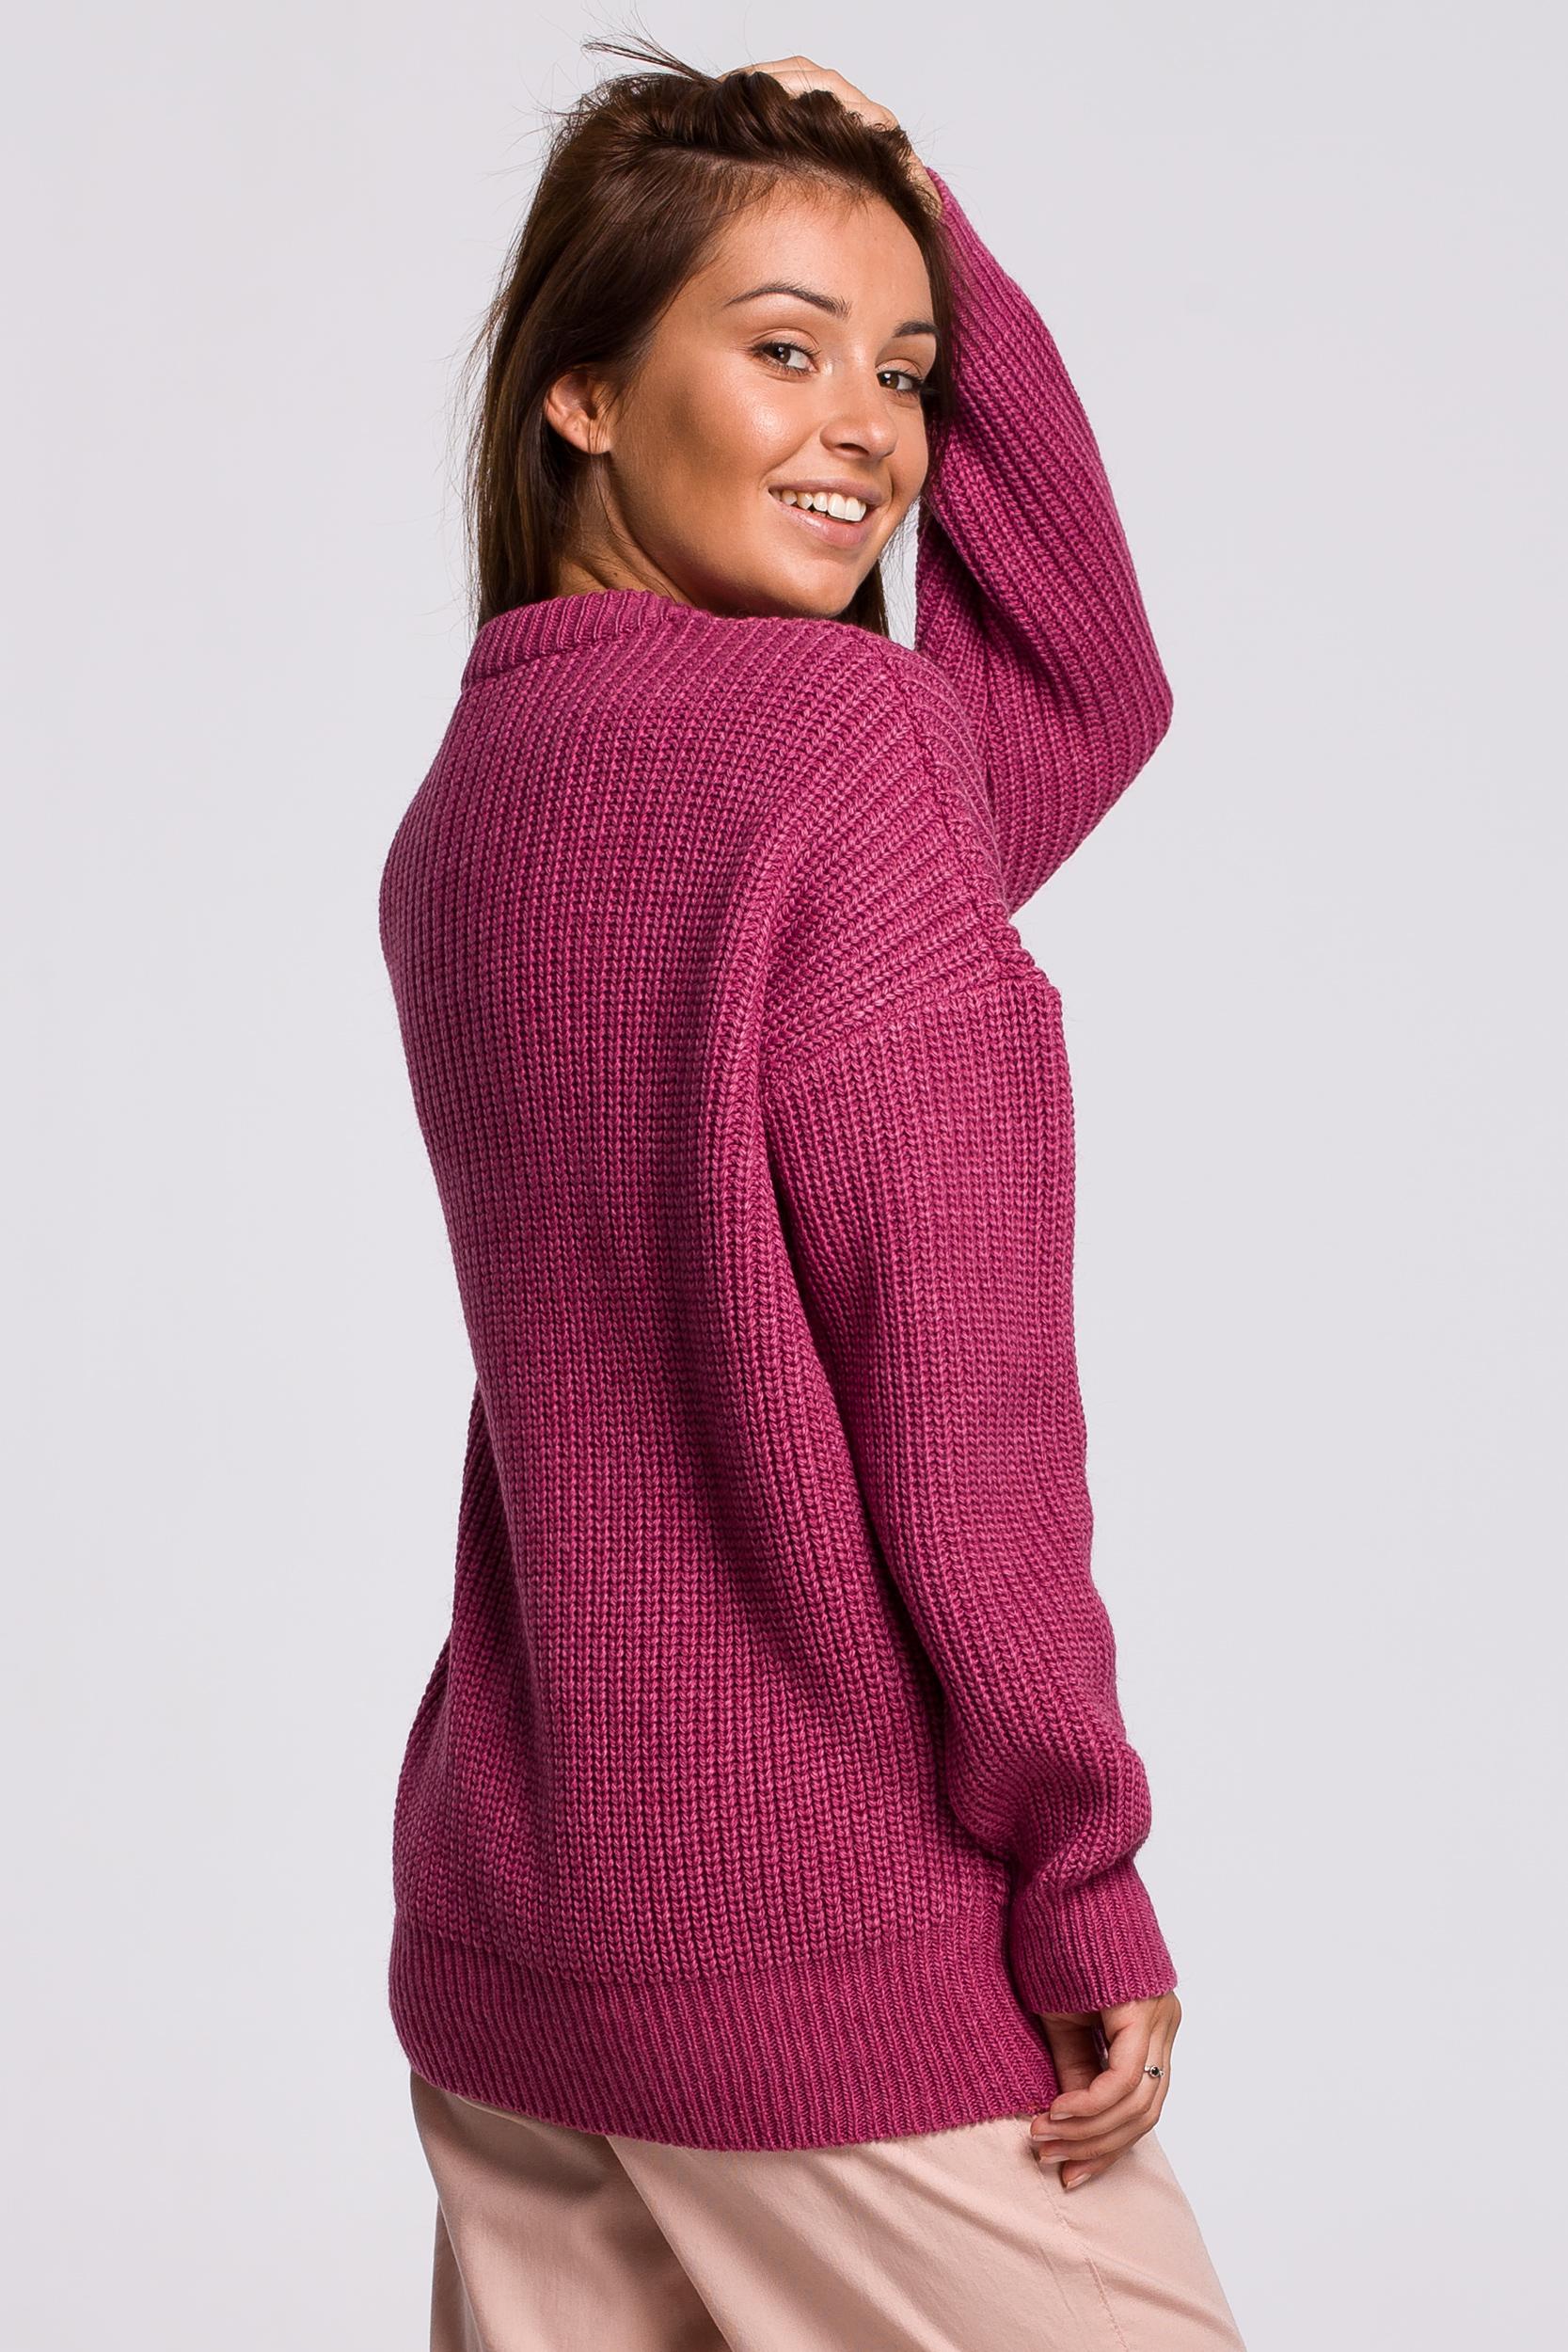 Sweater in Erika Rückansicht